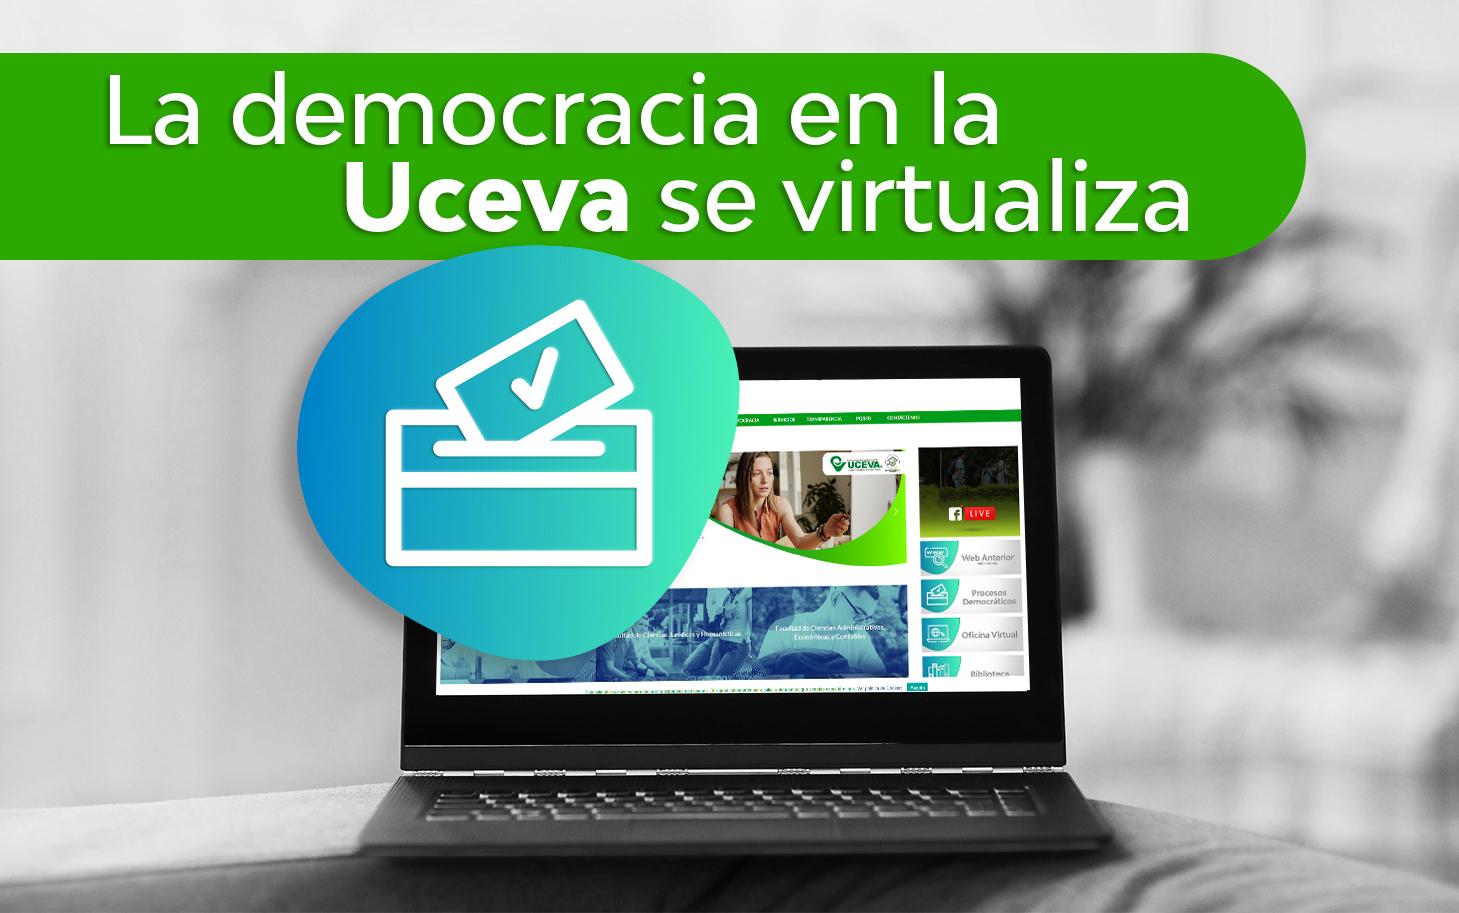 La Uceva Adopta Modelo Virtual para todos los Procesos Democráticos